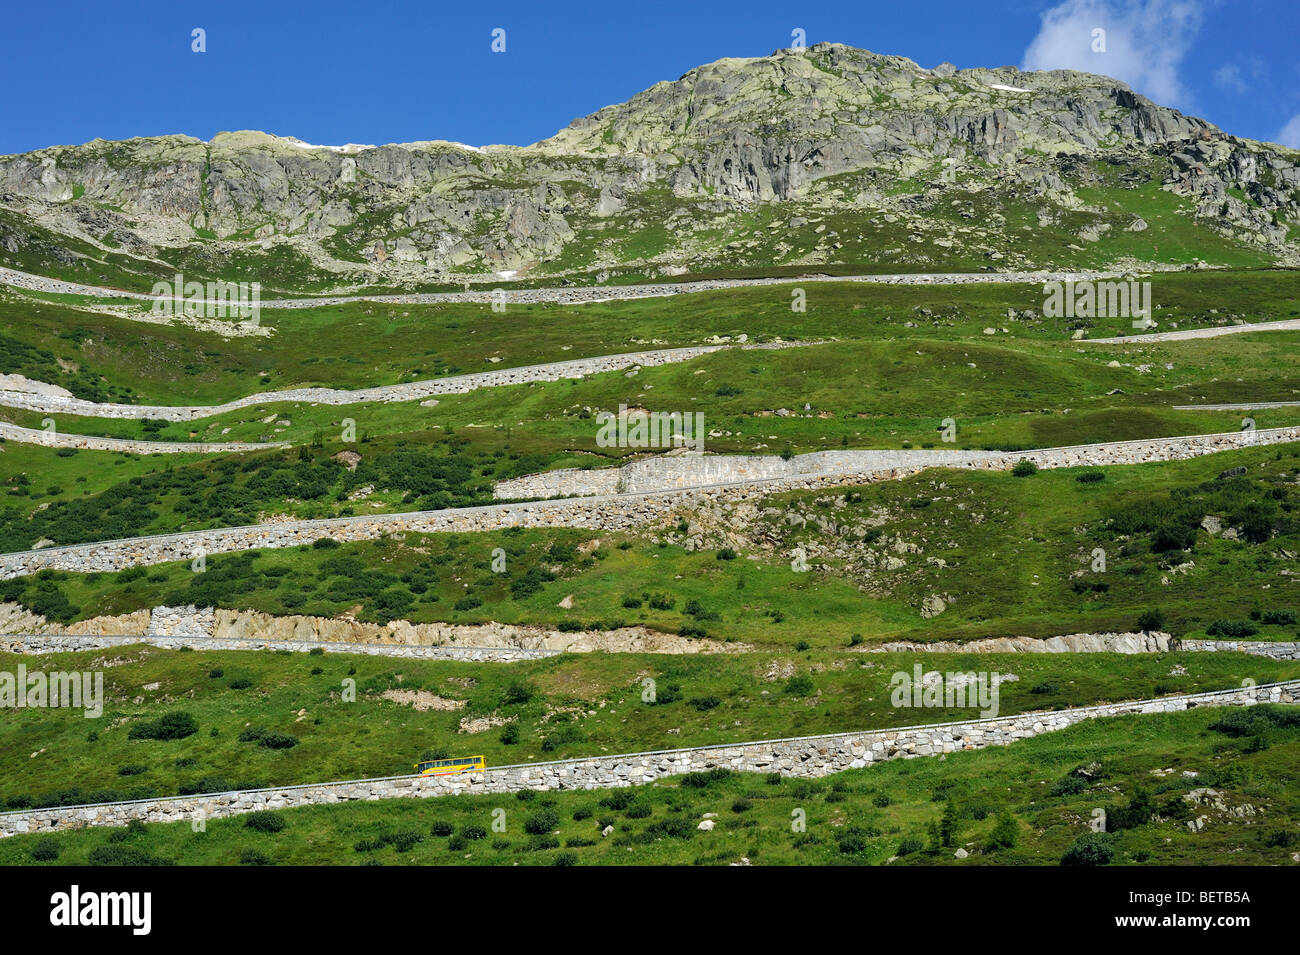 Strada con tornanti avvolgimento oltre il Passo del Grimsel nelle alpi svizzere, Svizzera Immagini Stock